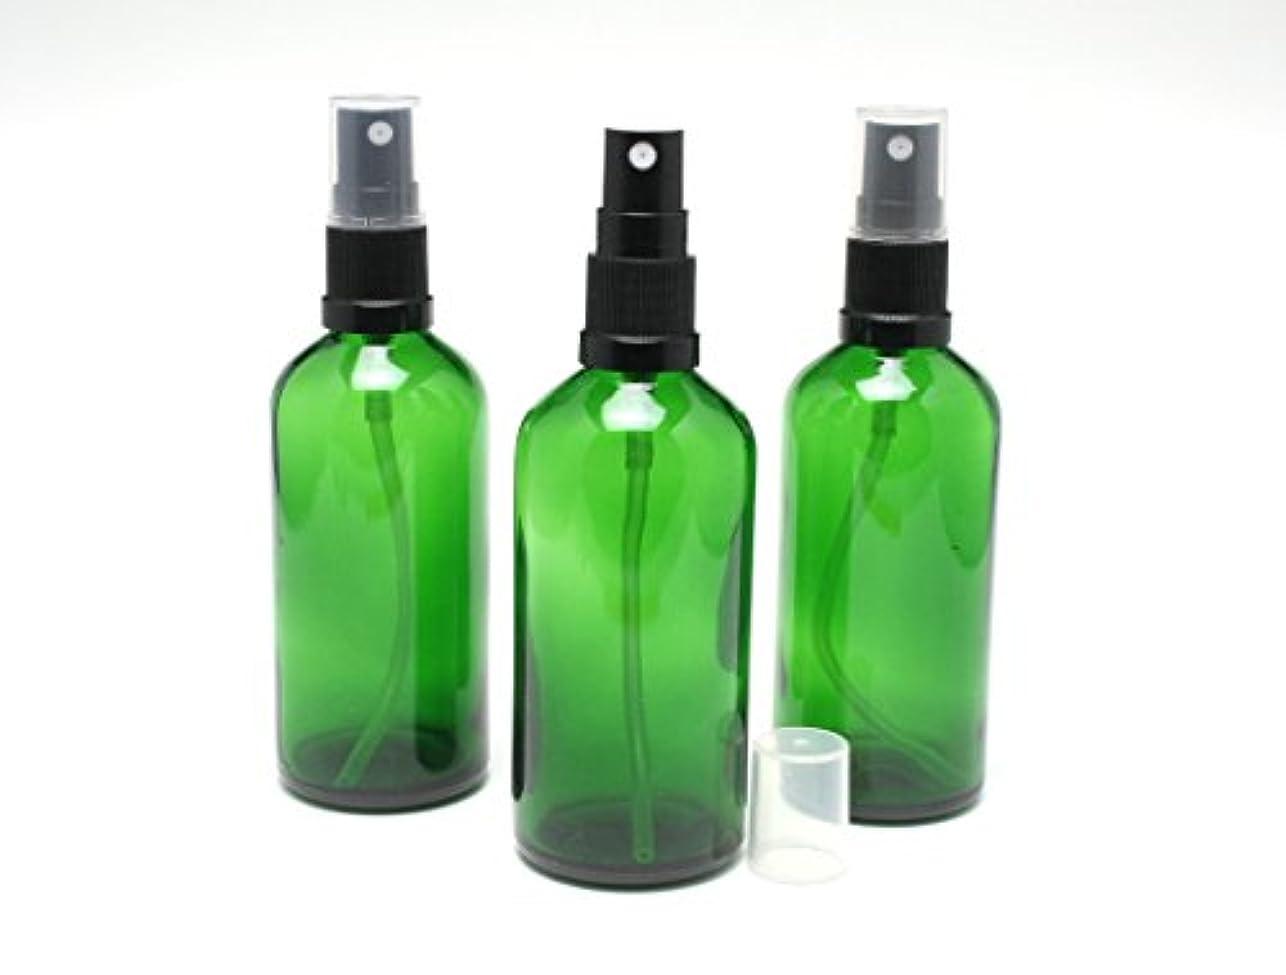 潜水艦こするノイズ遮光瓶 スプレーボトル (グラス/アトマイザー) 100ml / グリーン/ブラックヘッド 3本セット 【新品アウトレット商品 】